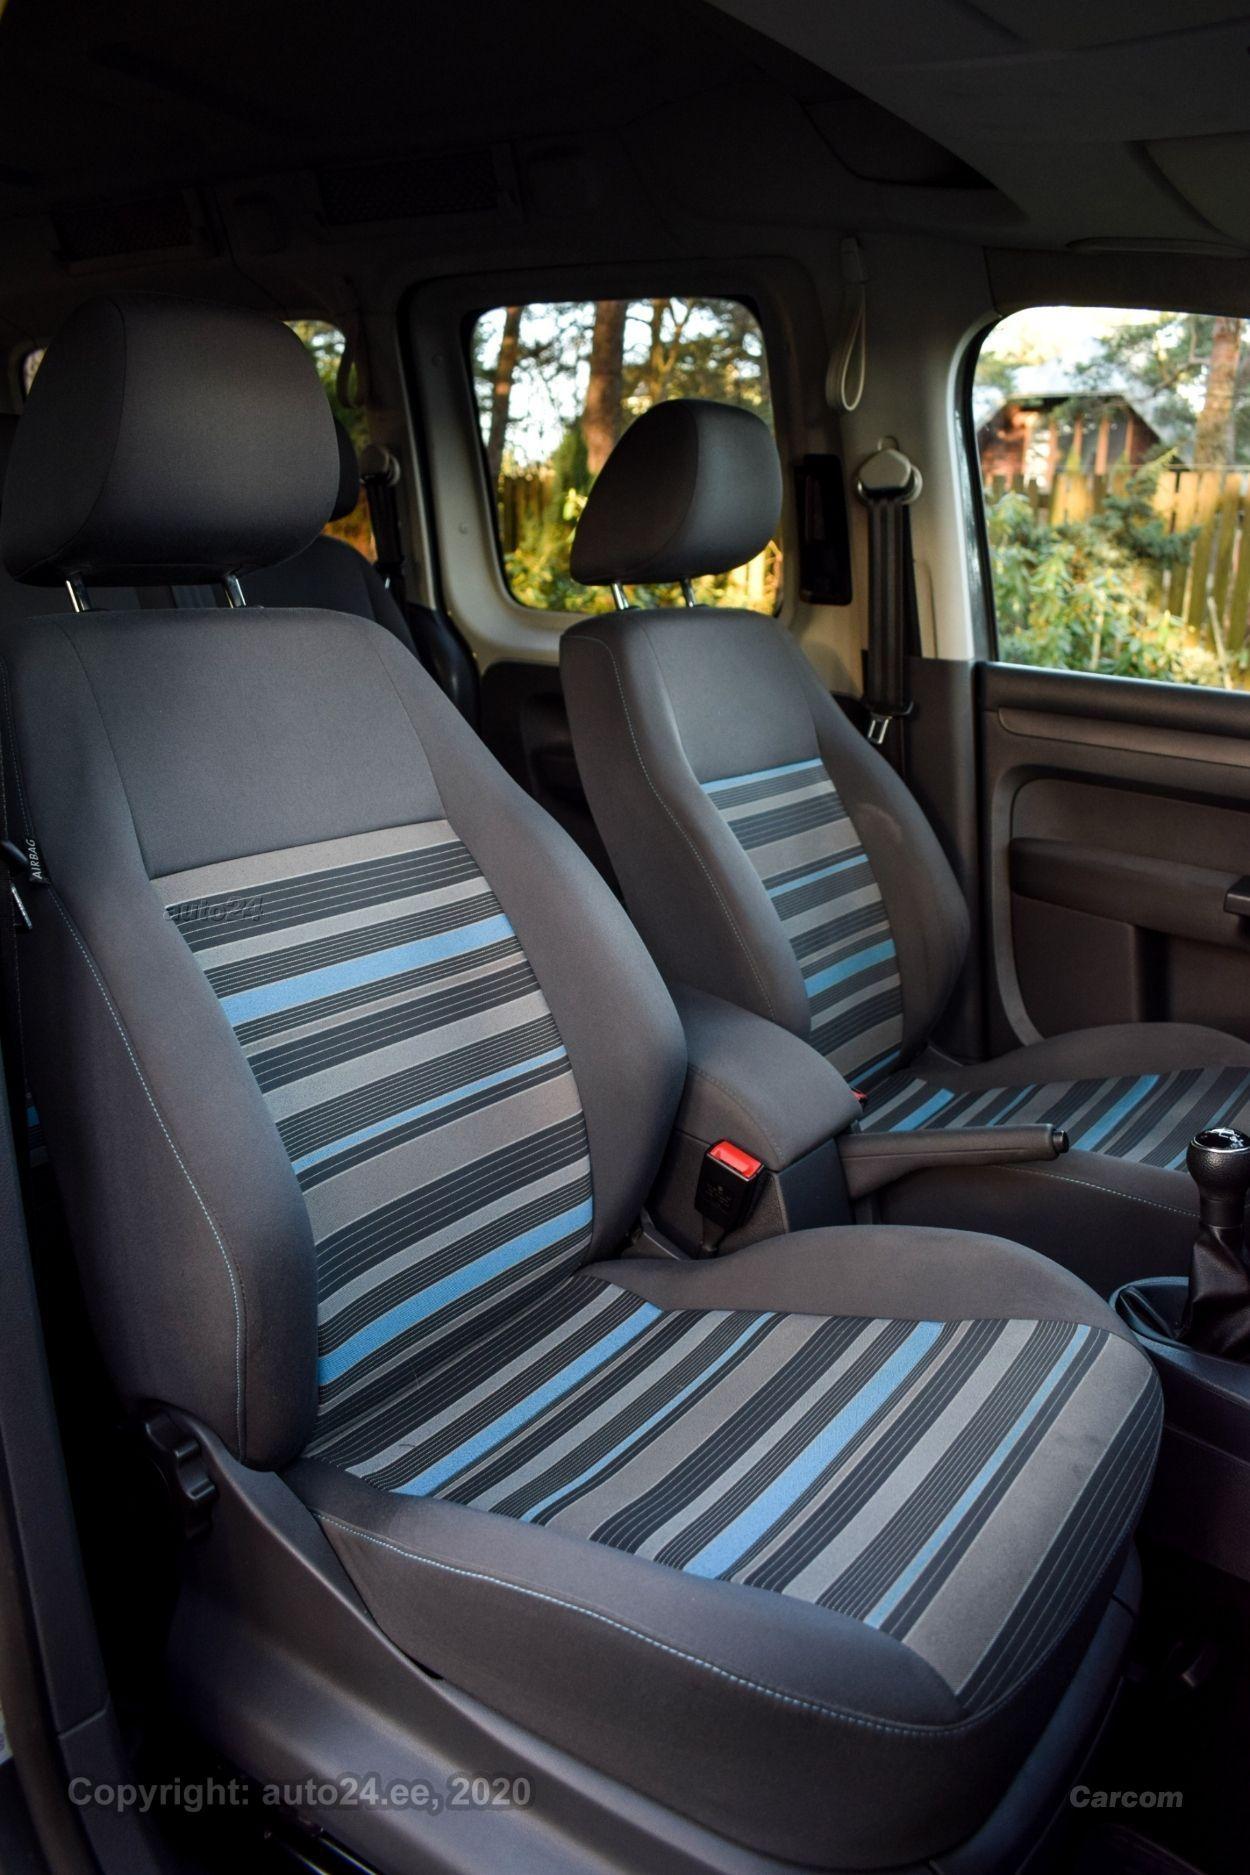 Volkswagen Caddy MAXI ECOFUEL 2.0 80kW